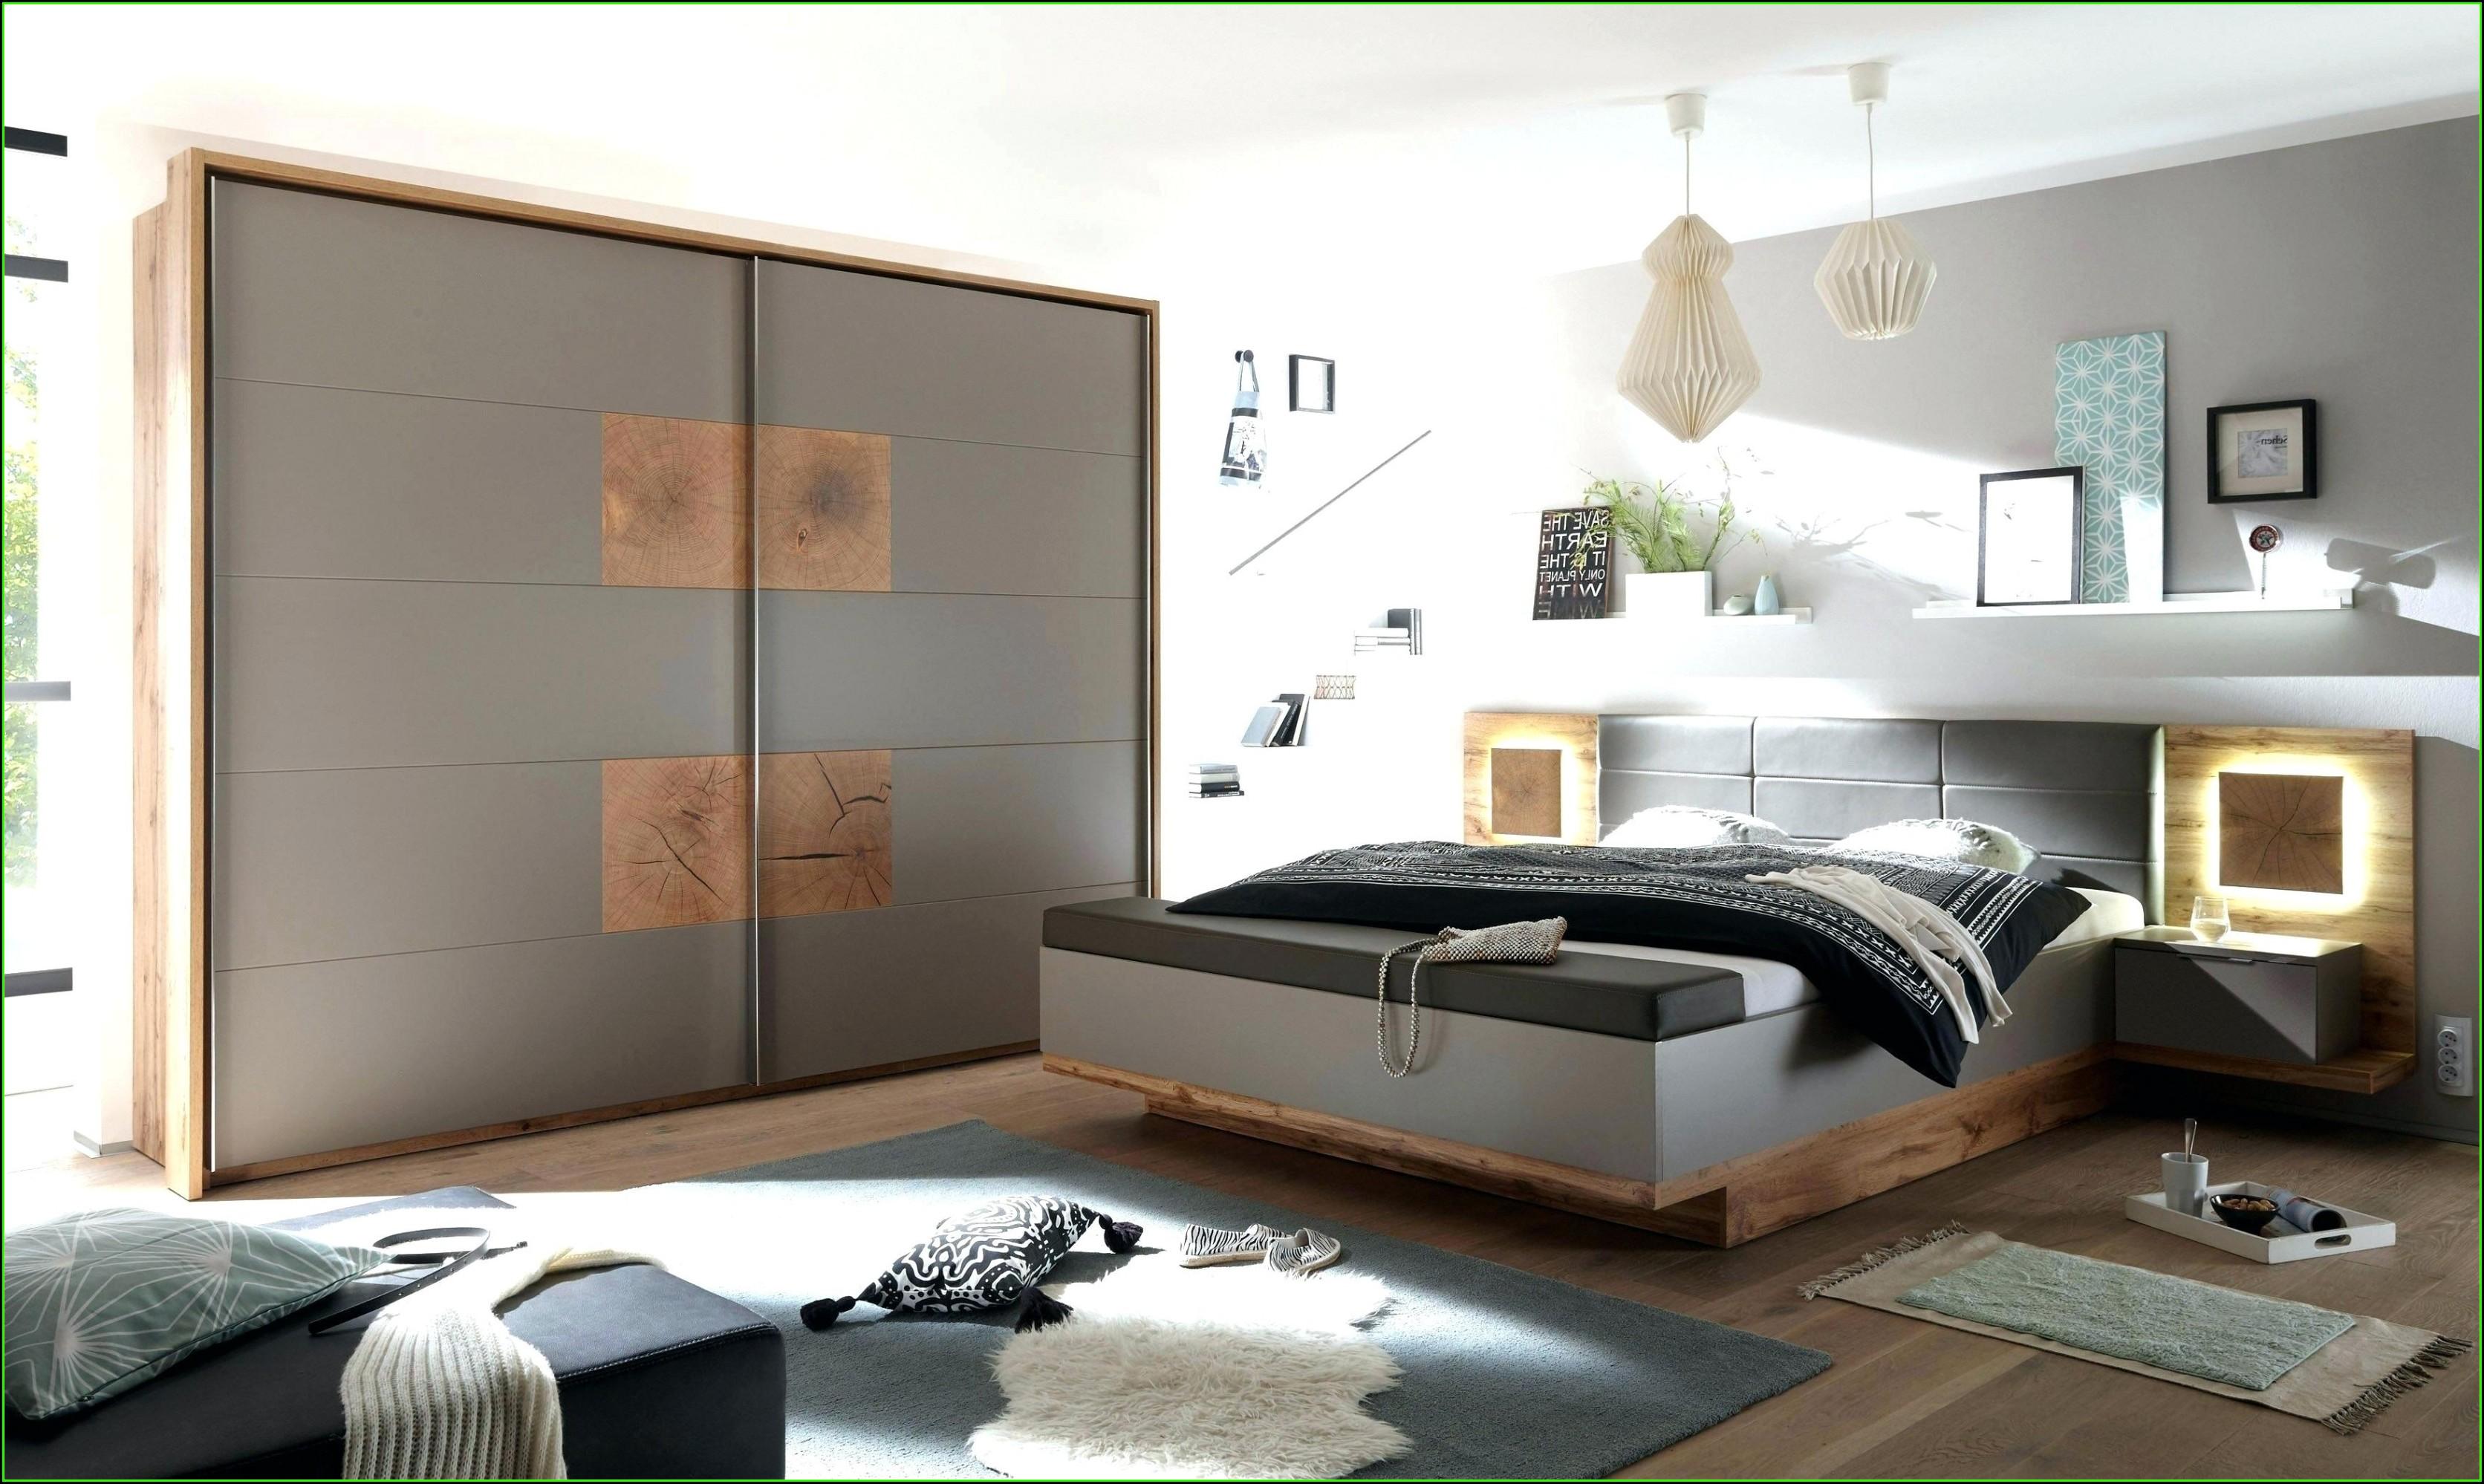 Ikea Ideen Kleines Zimmer